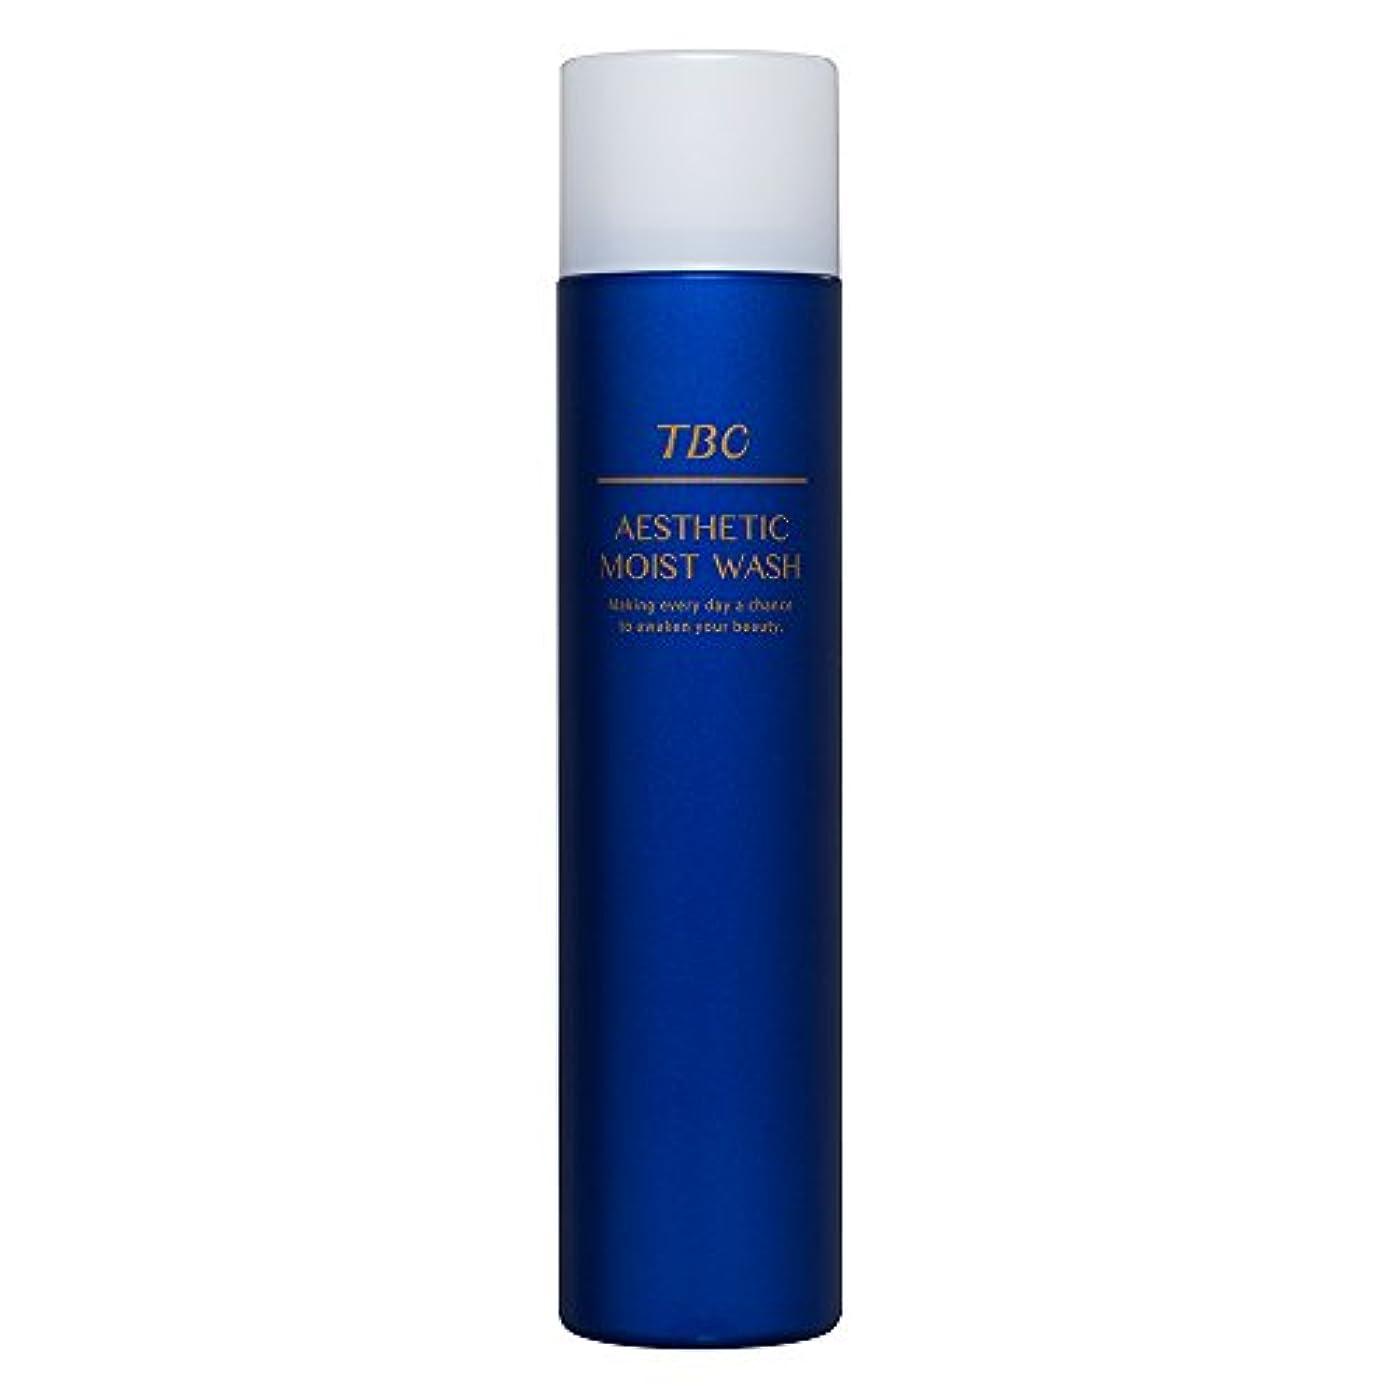 神経衰弱花脚本TBC エステティックモイストウォッシュ 洗顔料/洗顔フォーム/泡洗顔/炭酸泡/無添加処方